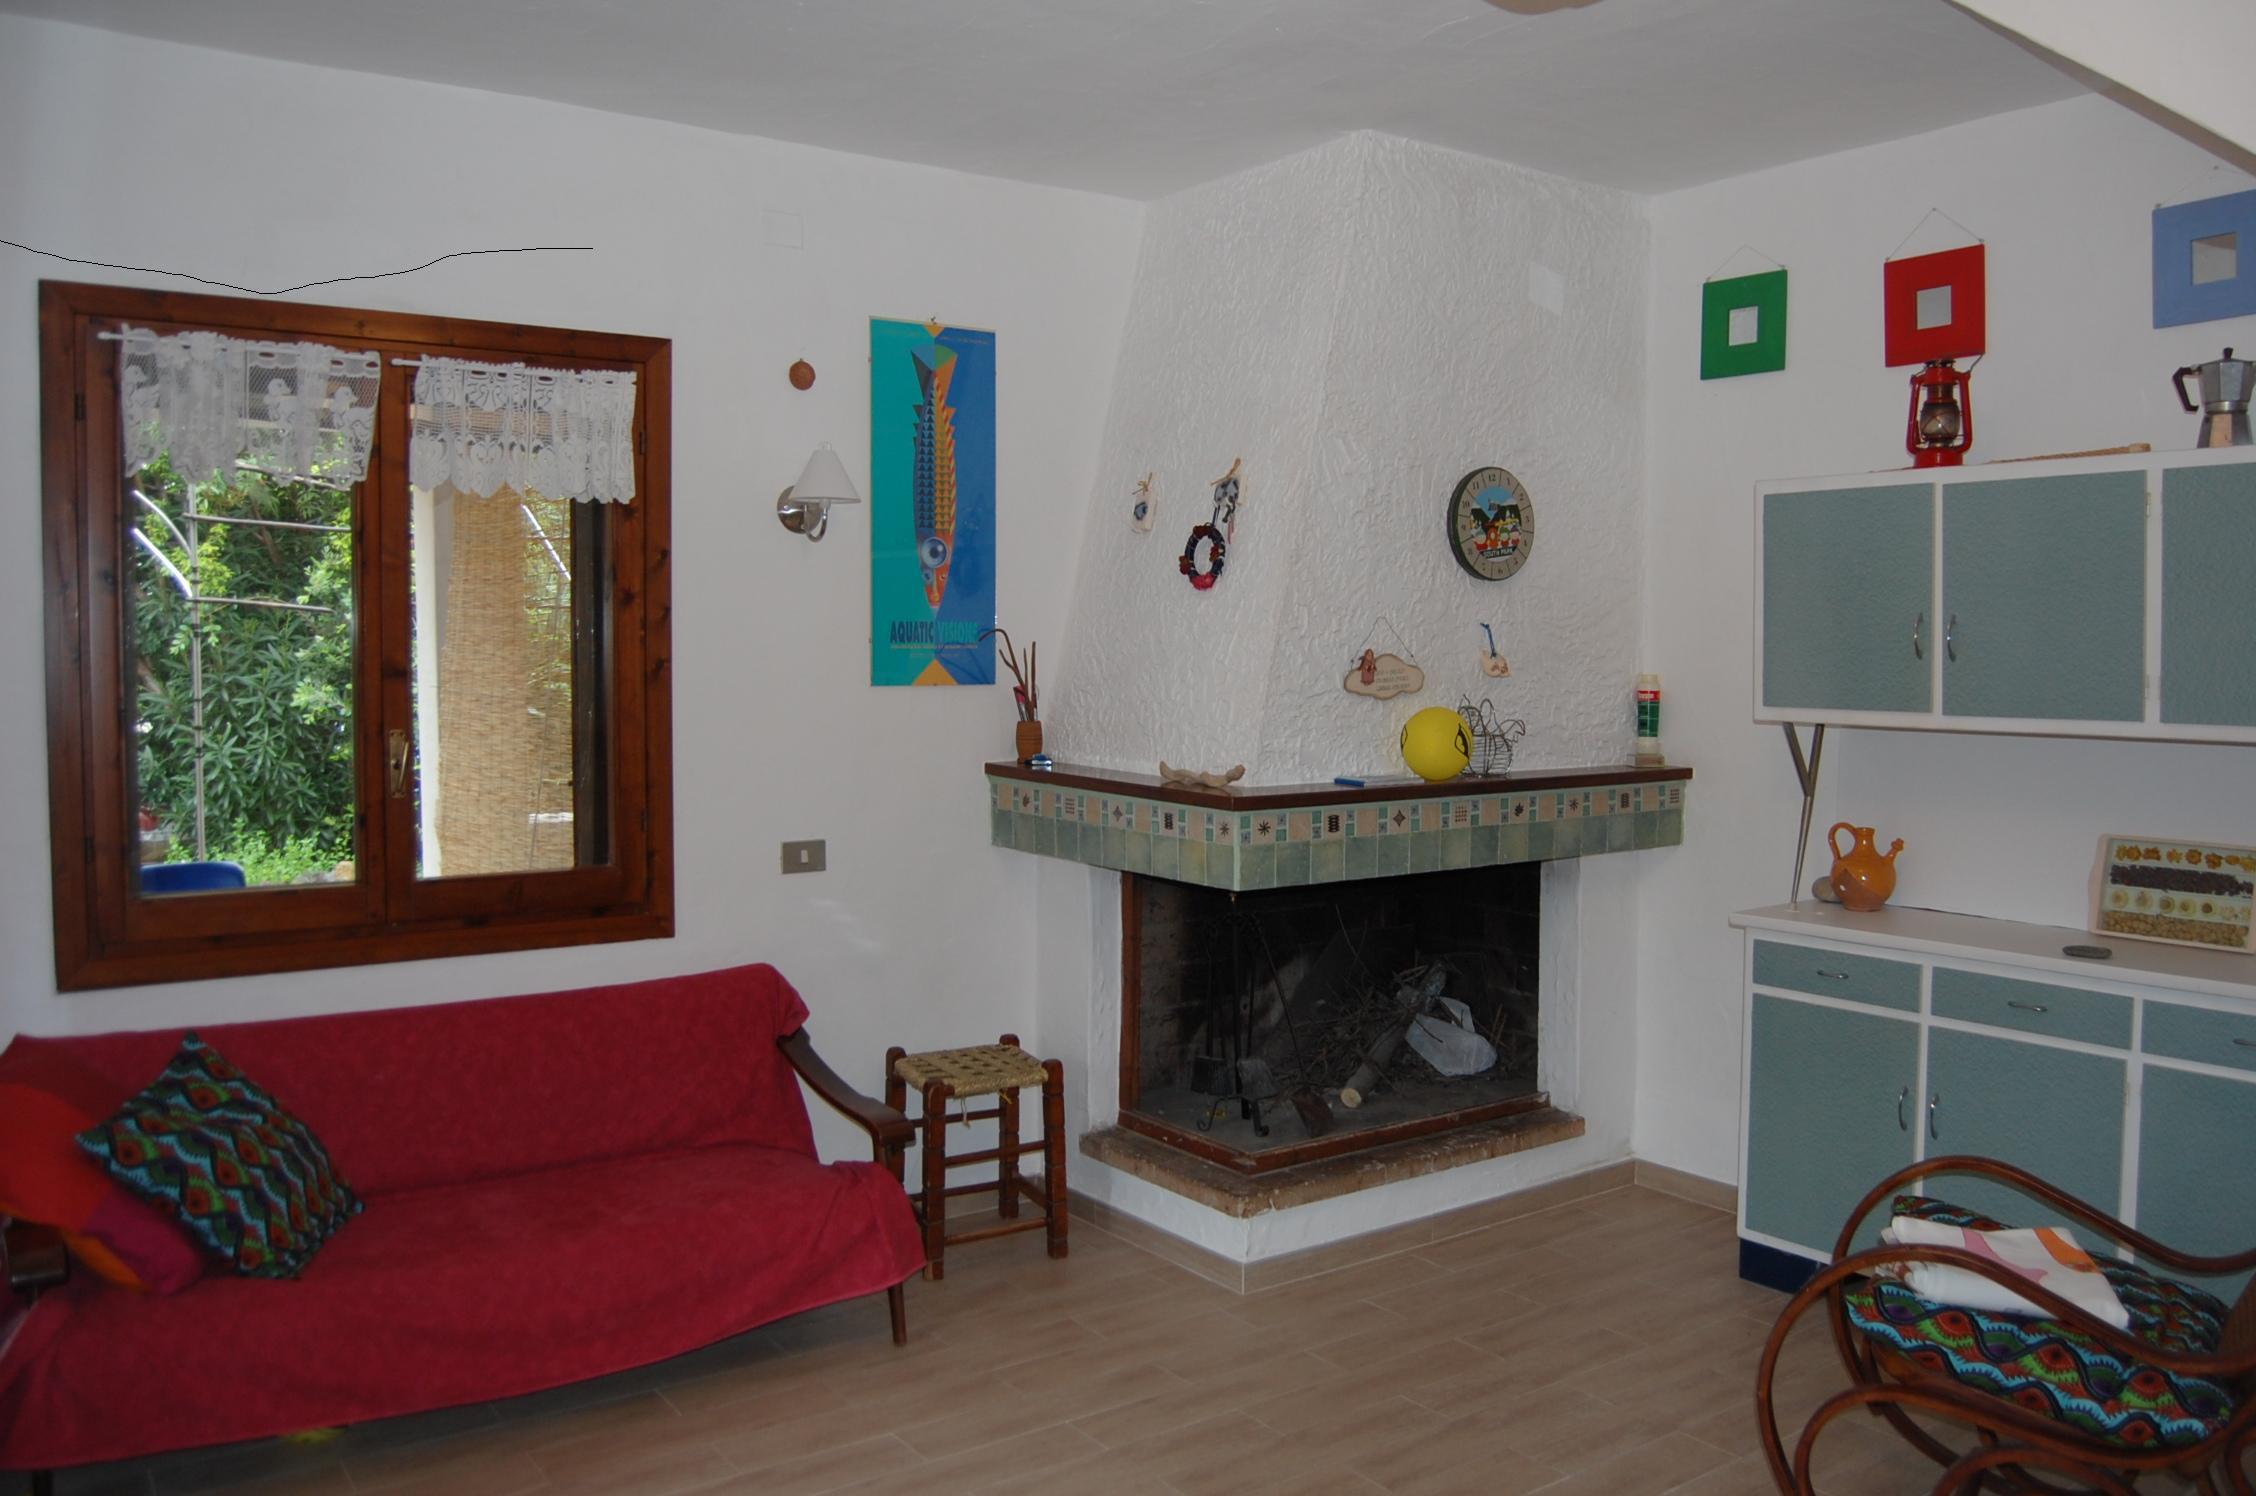 affitto villa mare sarroch 5236 (20130313140321-2013-87527-NDP.JPG)